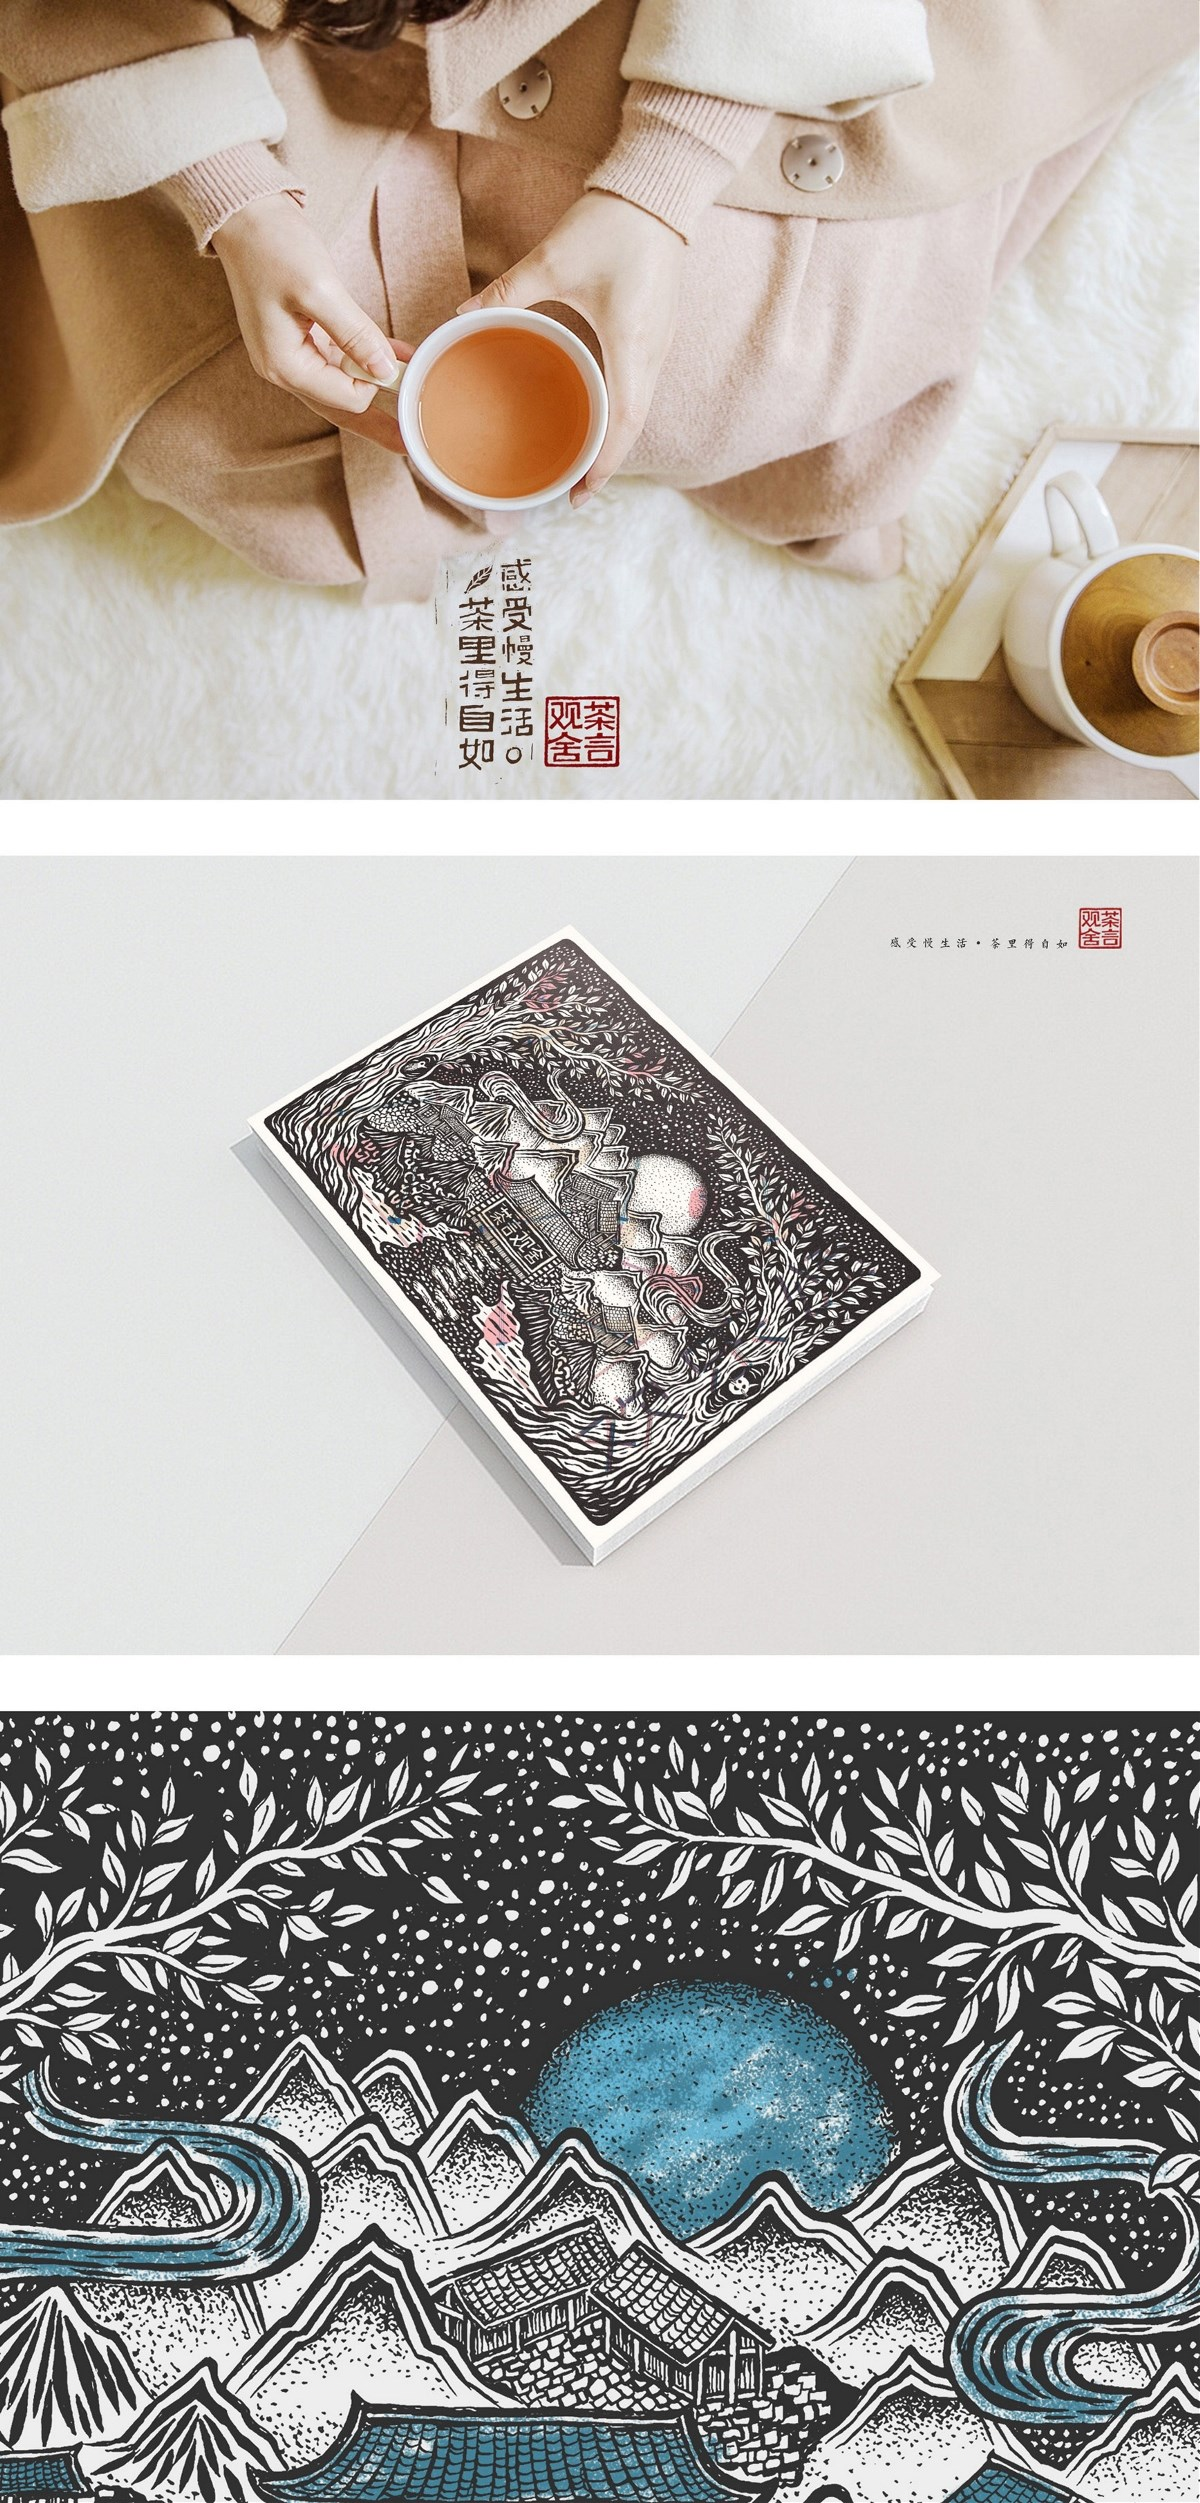 茶言觀舍_茶葉包裝_特產包裝_禮盒包裝_茶葉_食品包裝_快消品包裝